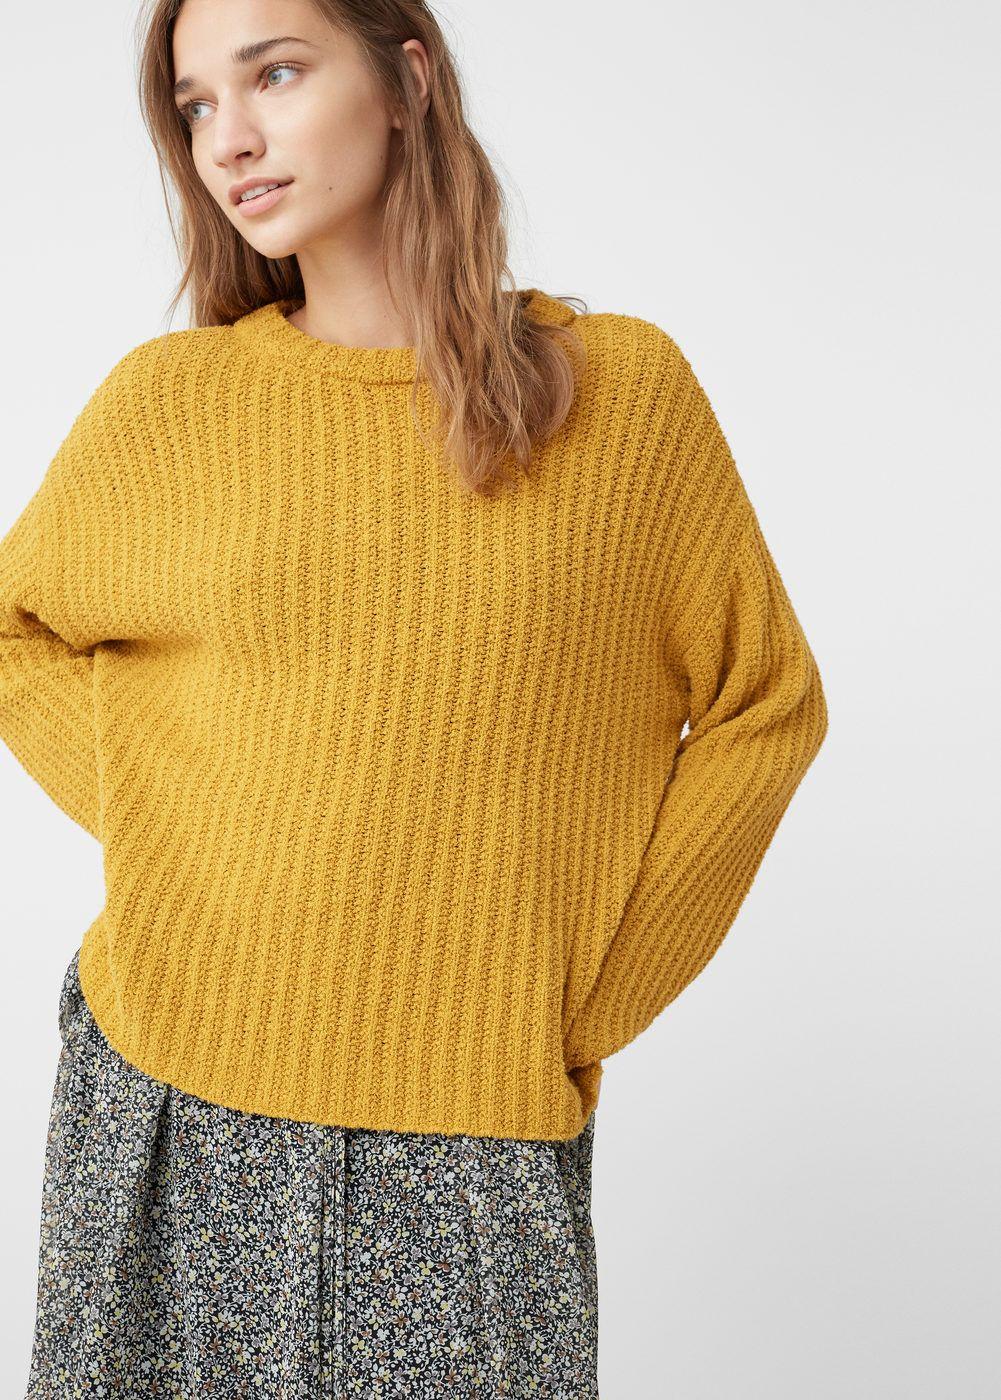 Color Moda Textura Y Costura Jersey Wishlist Algodón Mujer 0xTzn